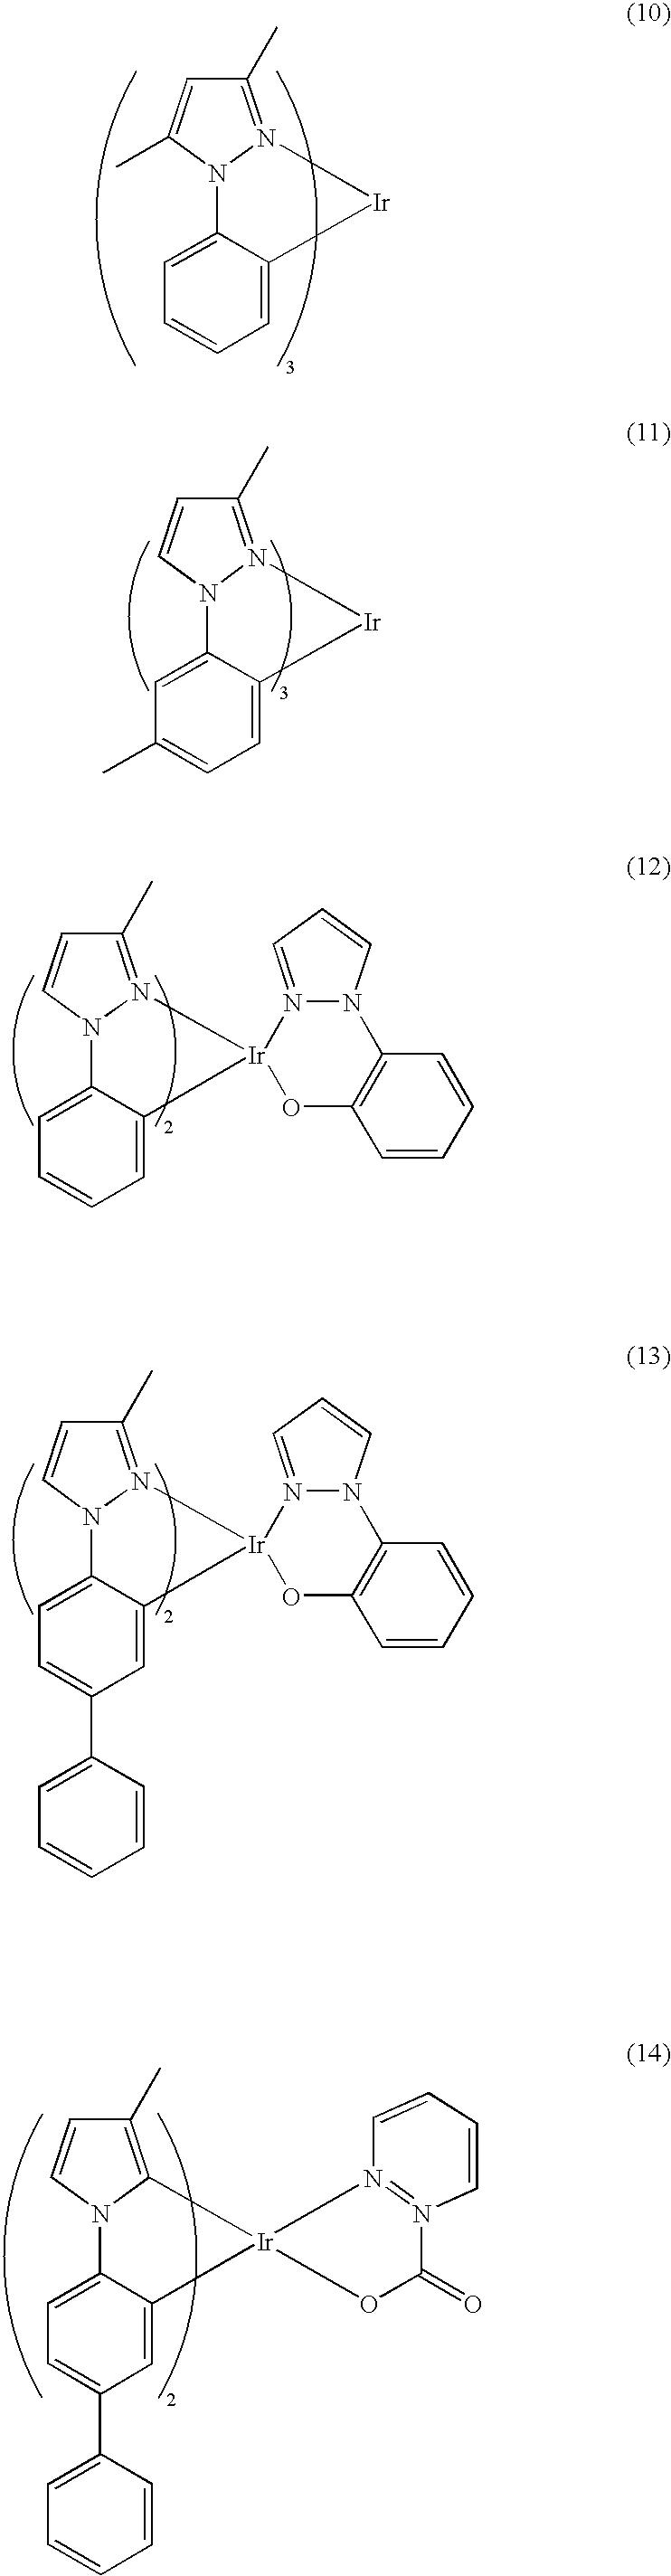 Figure US20050031903A1-20050210-C00062